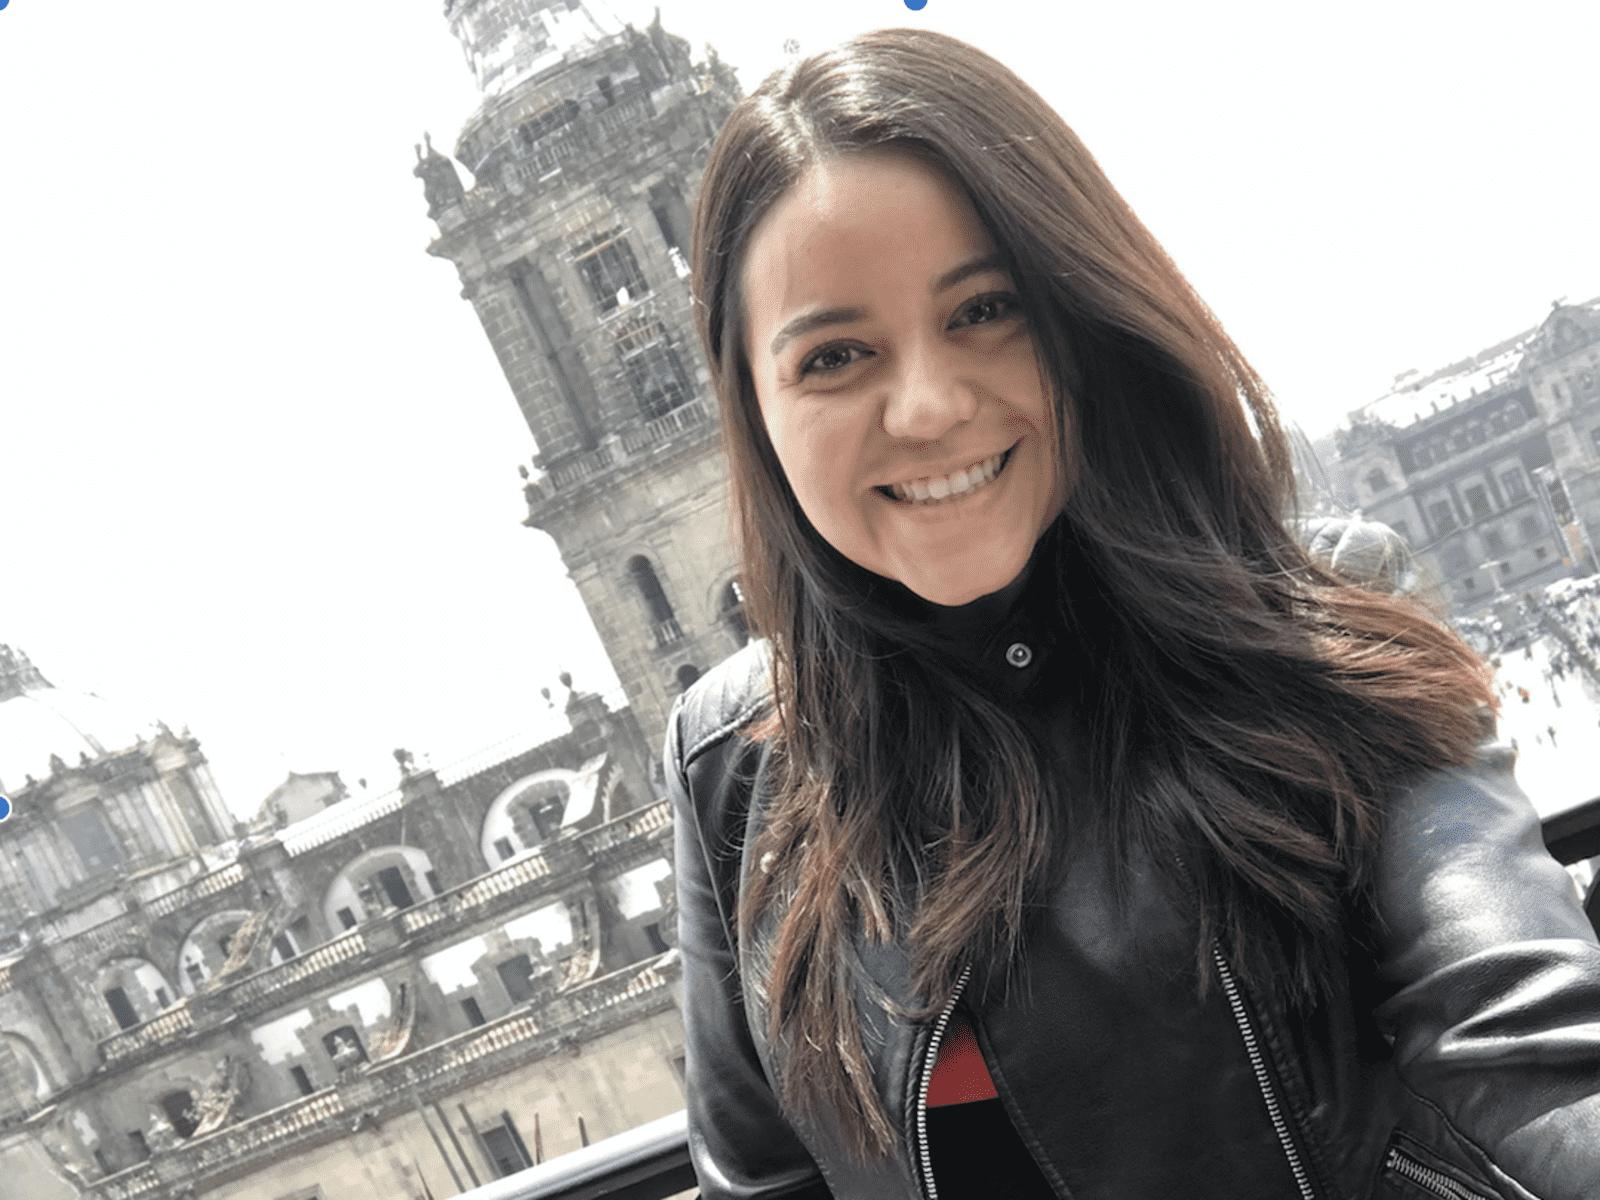 Sthefani from Guatemala City, Guatemala